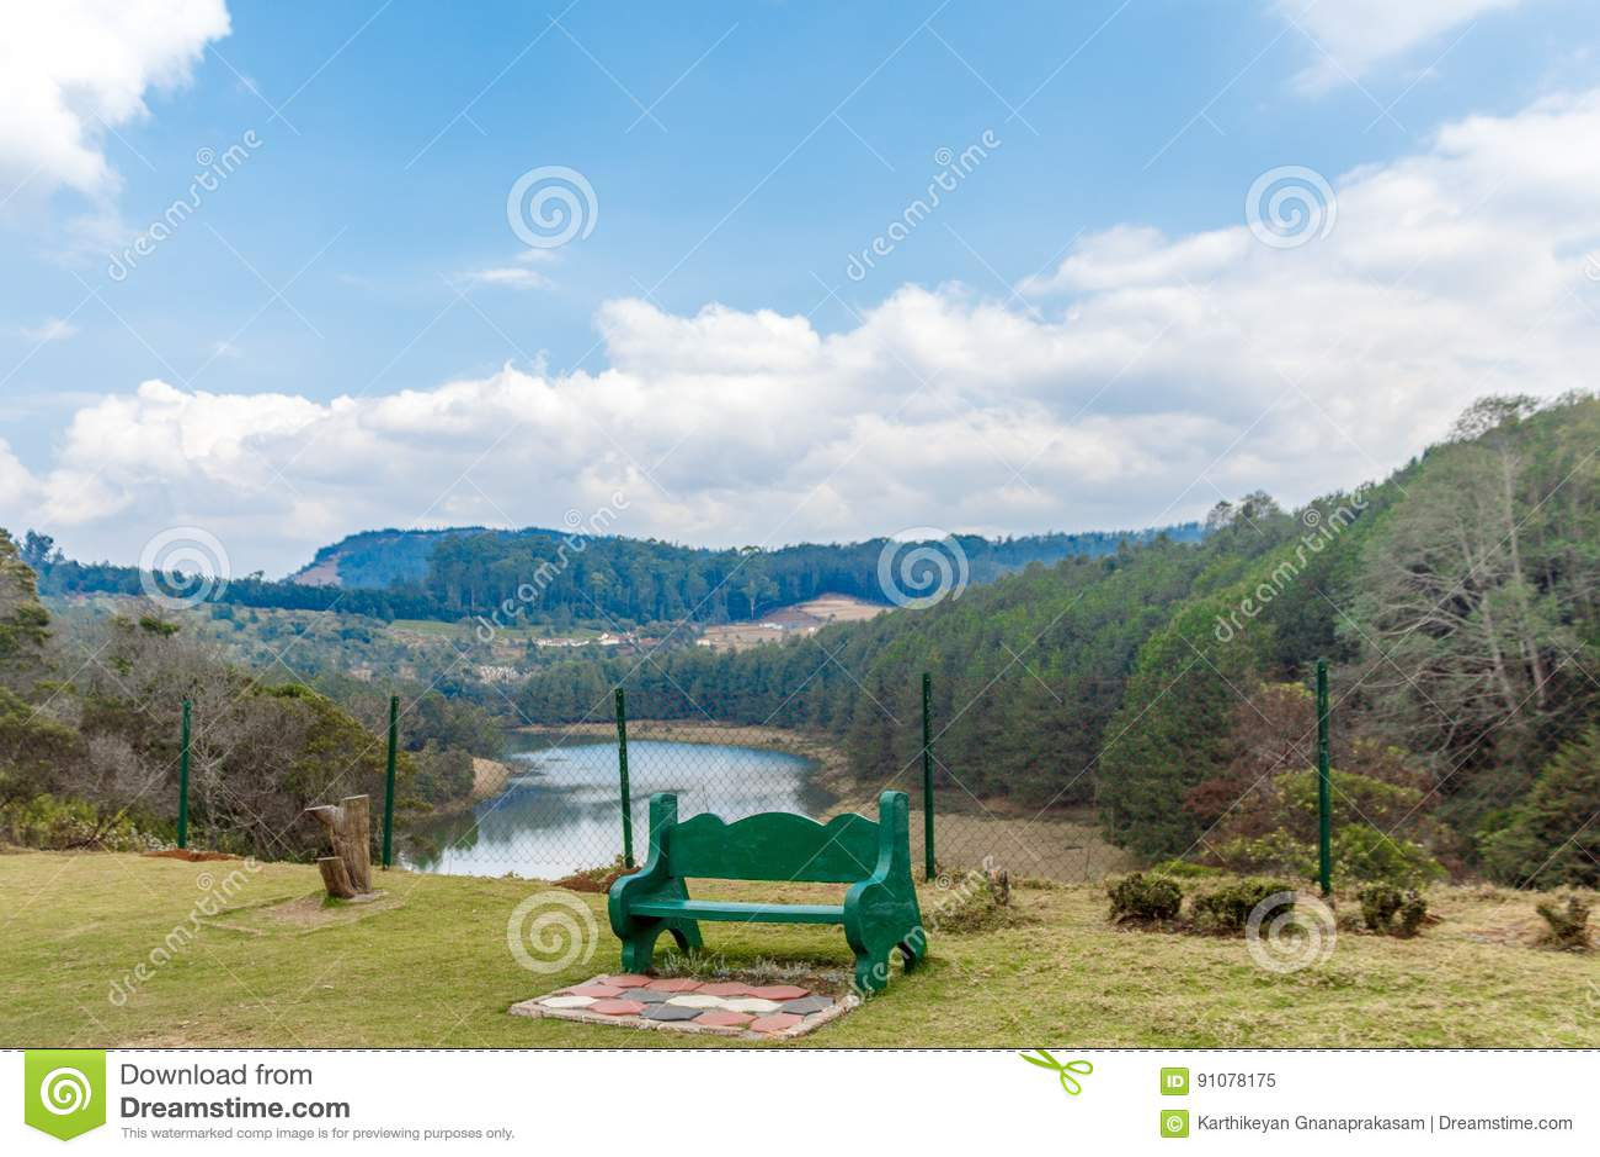 Ευρεία άποψη της σμαραγδένιας λίμνης